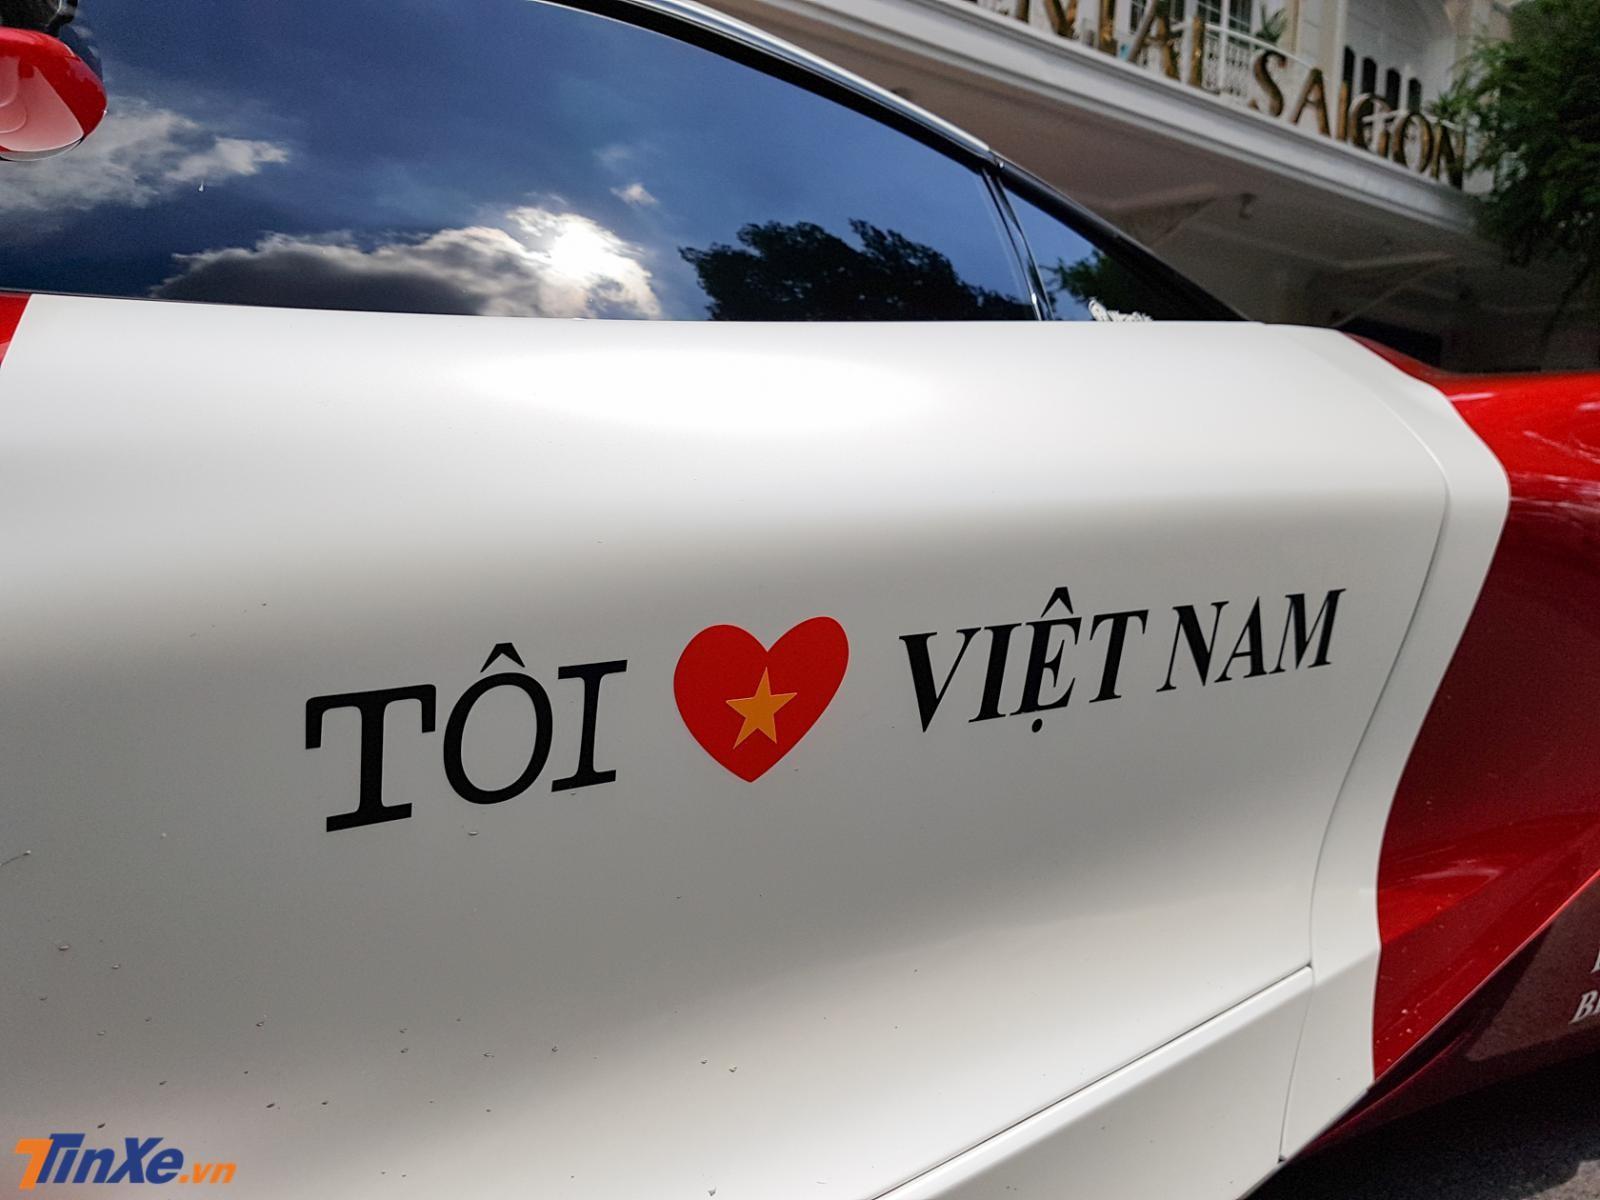 Tất nhiên còn có thông điệp đầy ý nghĩa Tôi Yêu Việt Nam